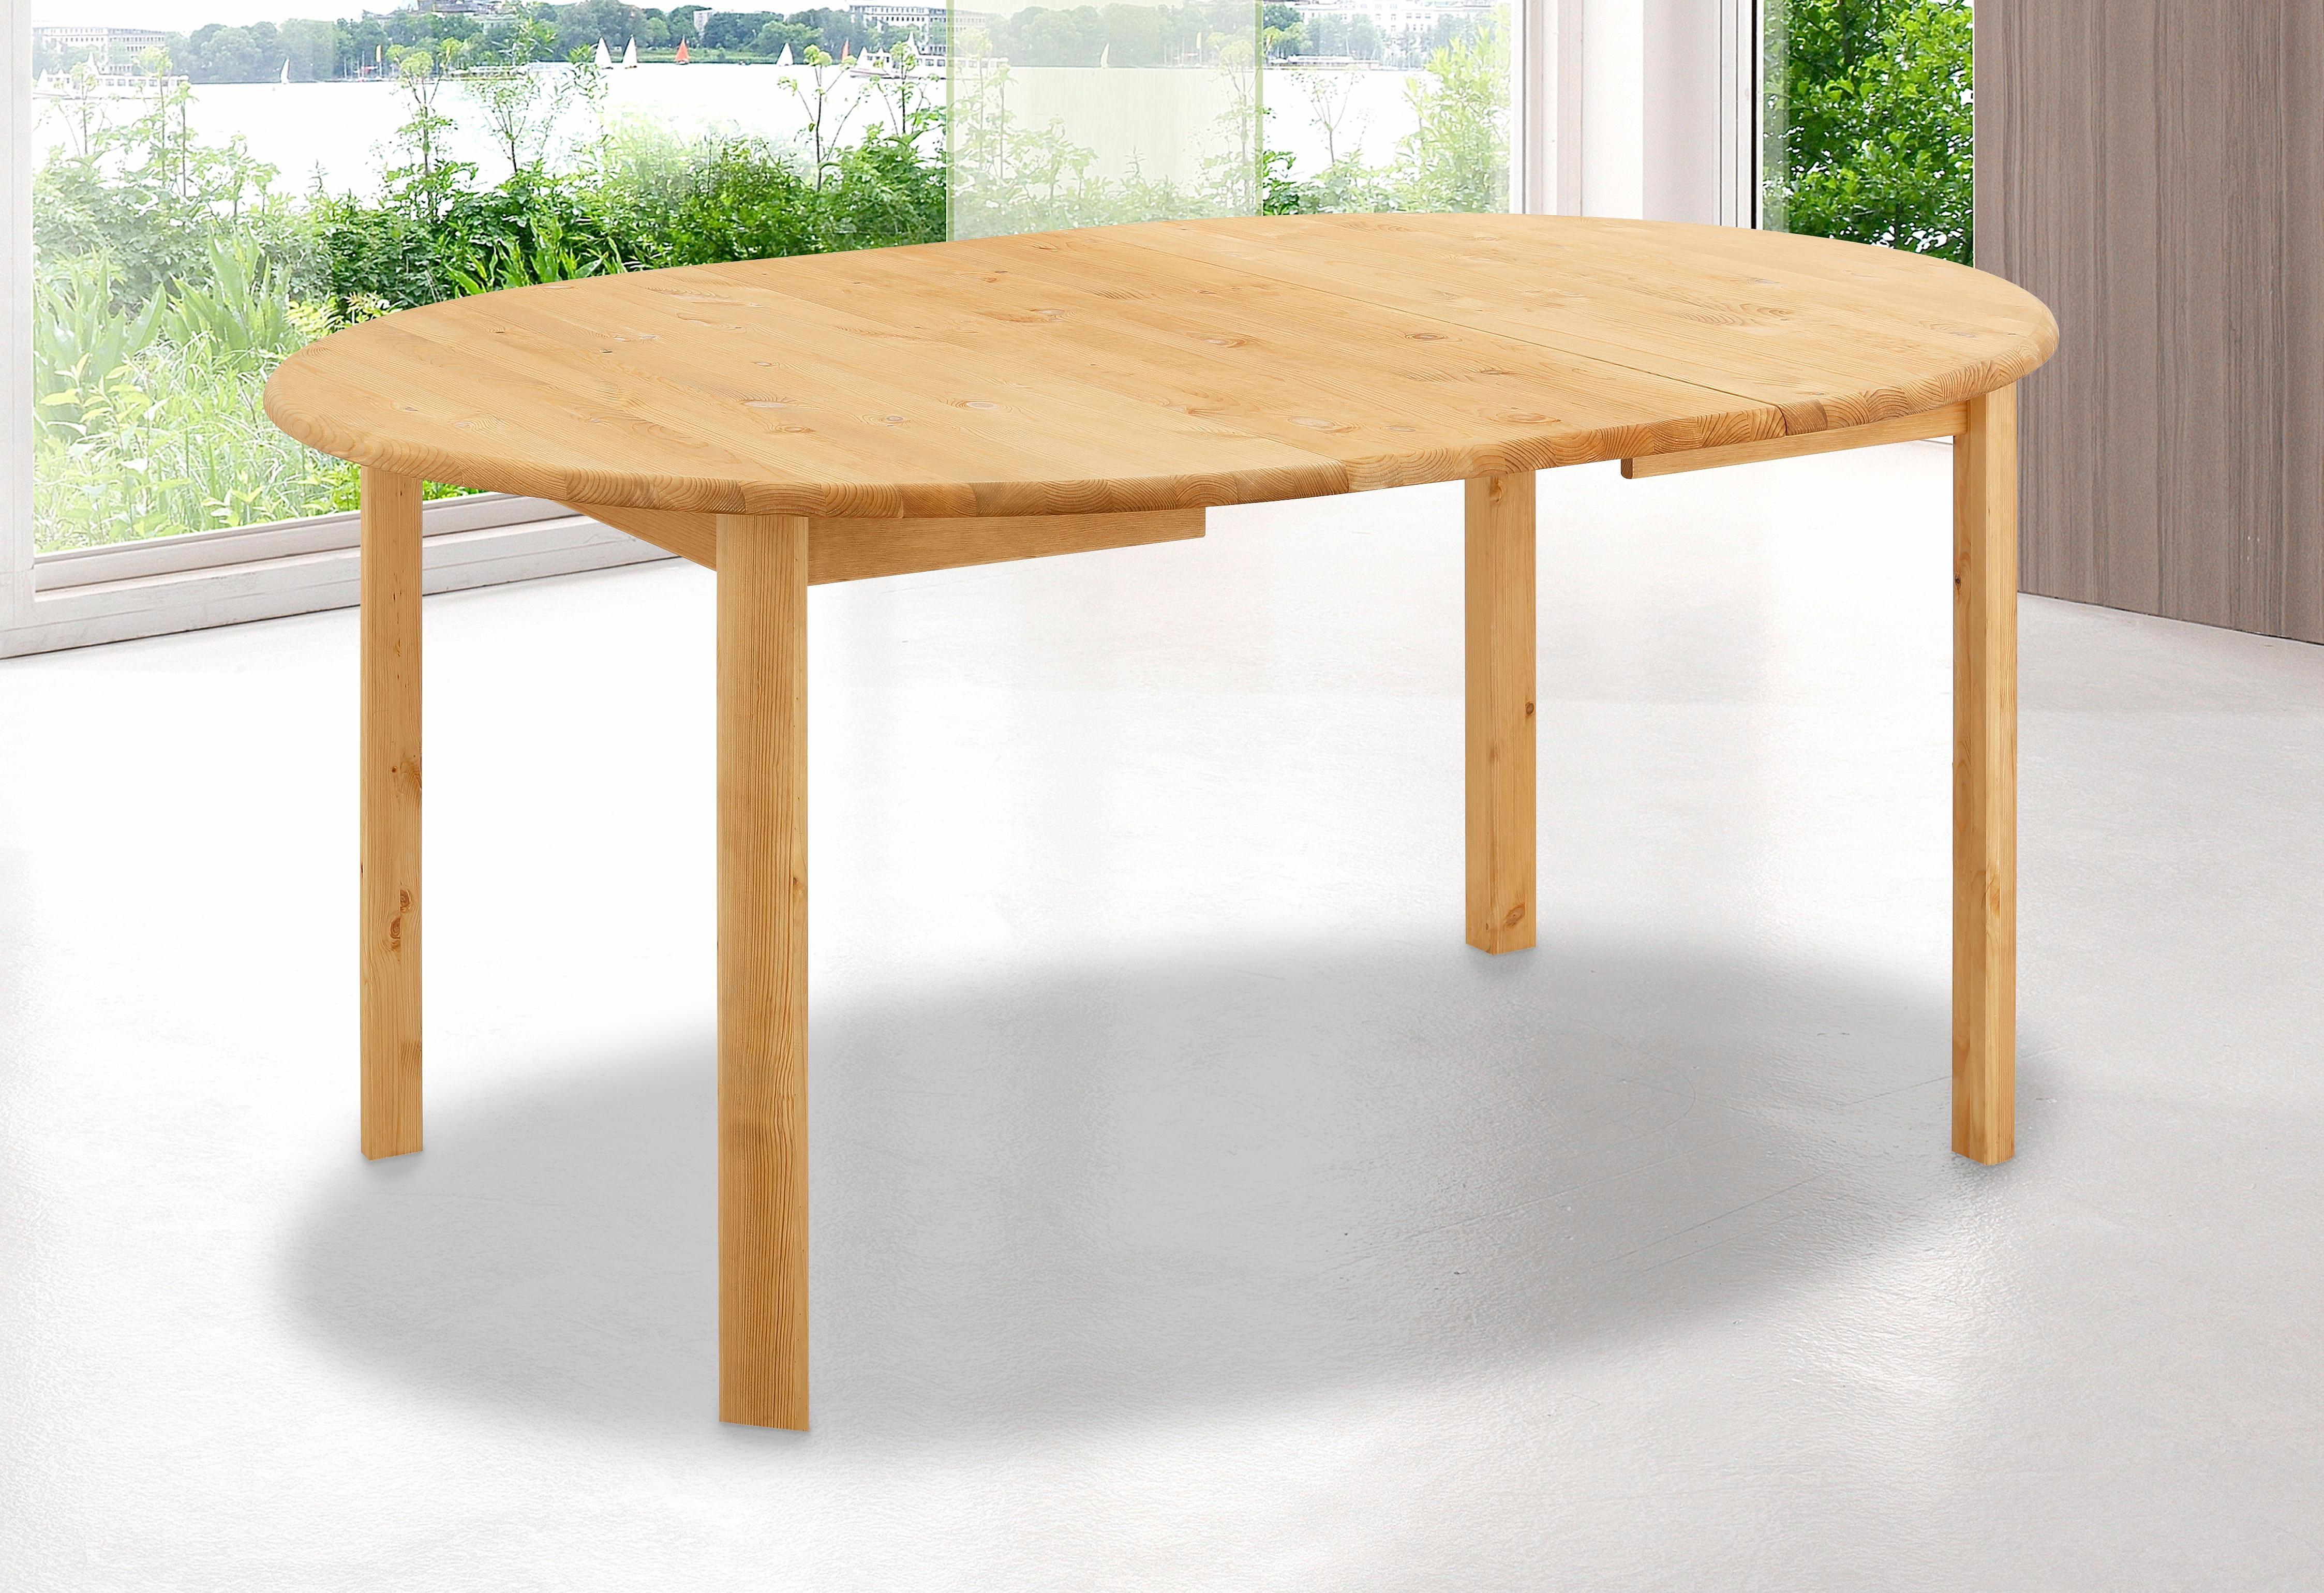 Home affaire Esstisch »Marlo« mit ausziehbarer Tischplatte, in 2 Größen